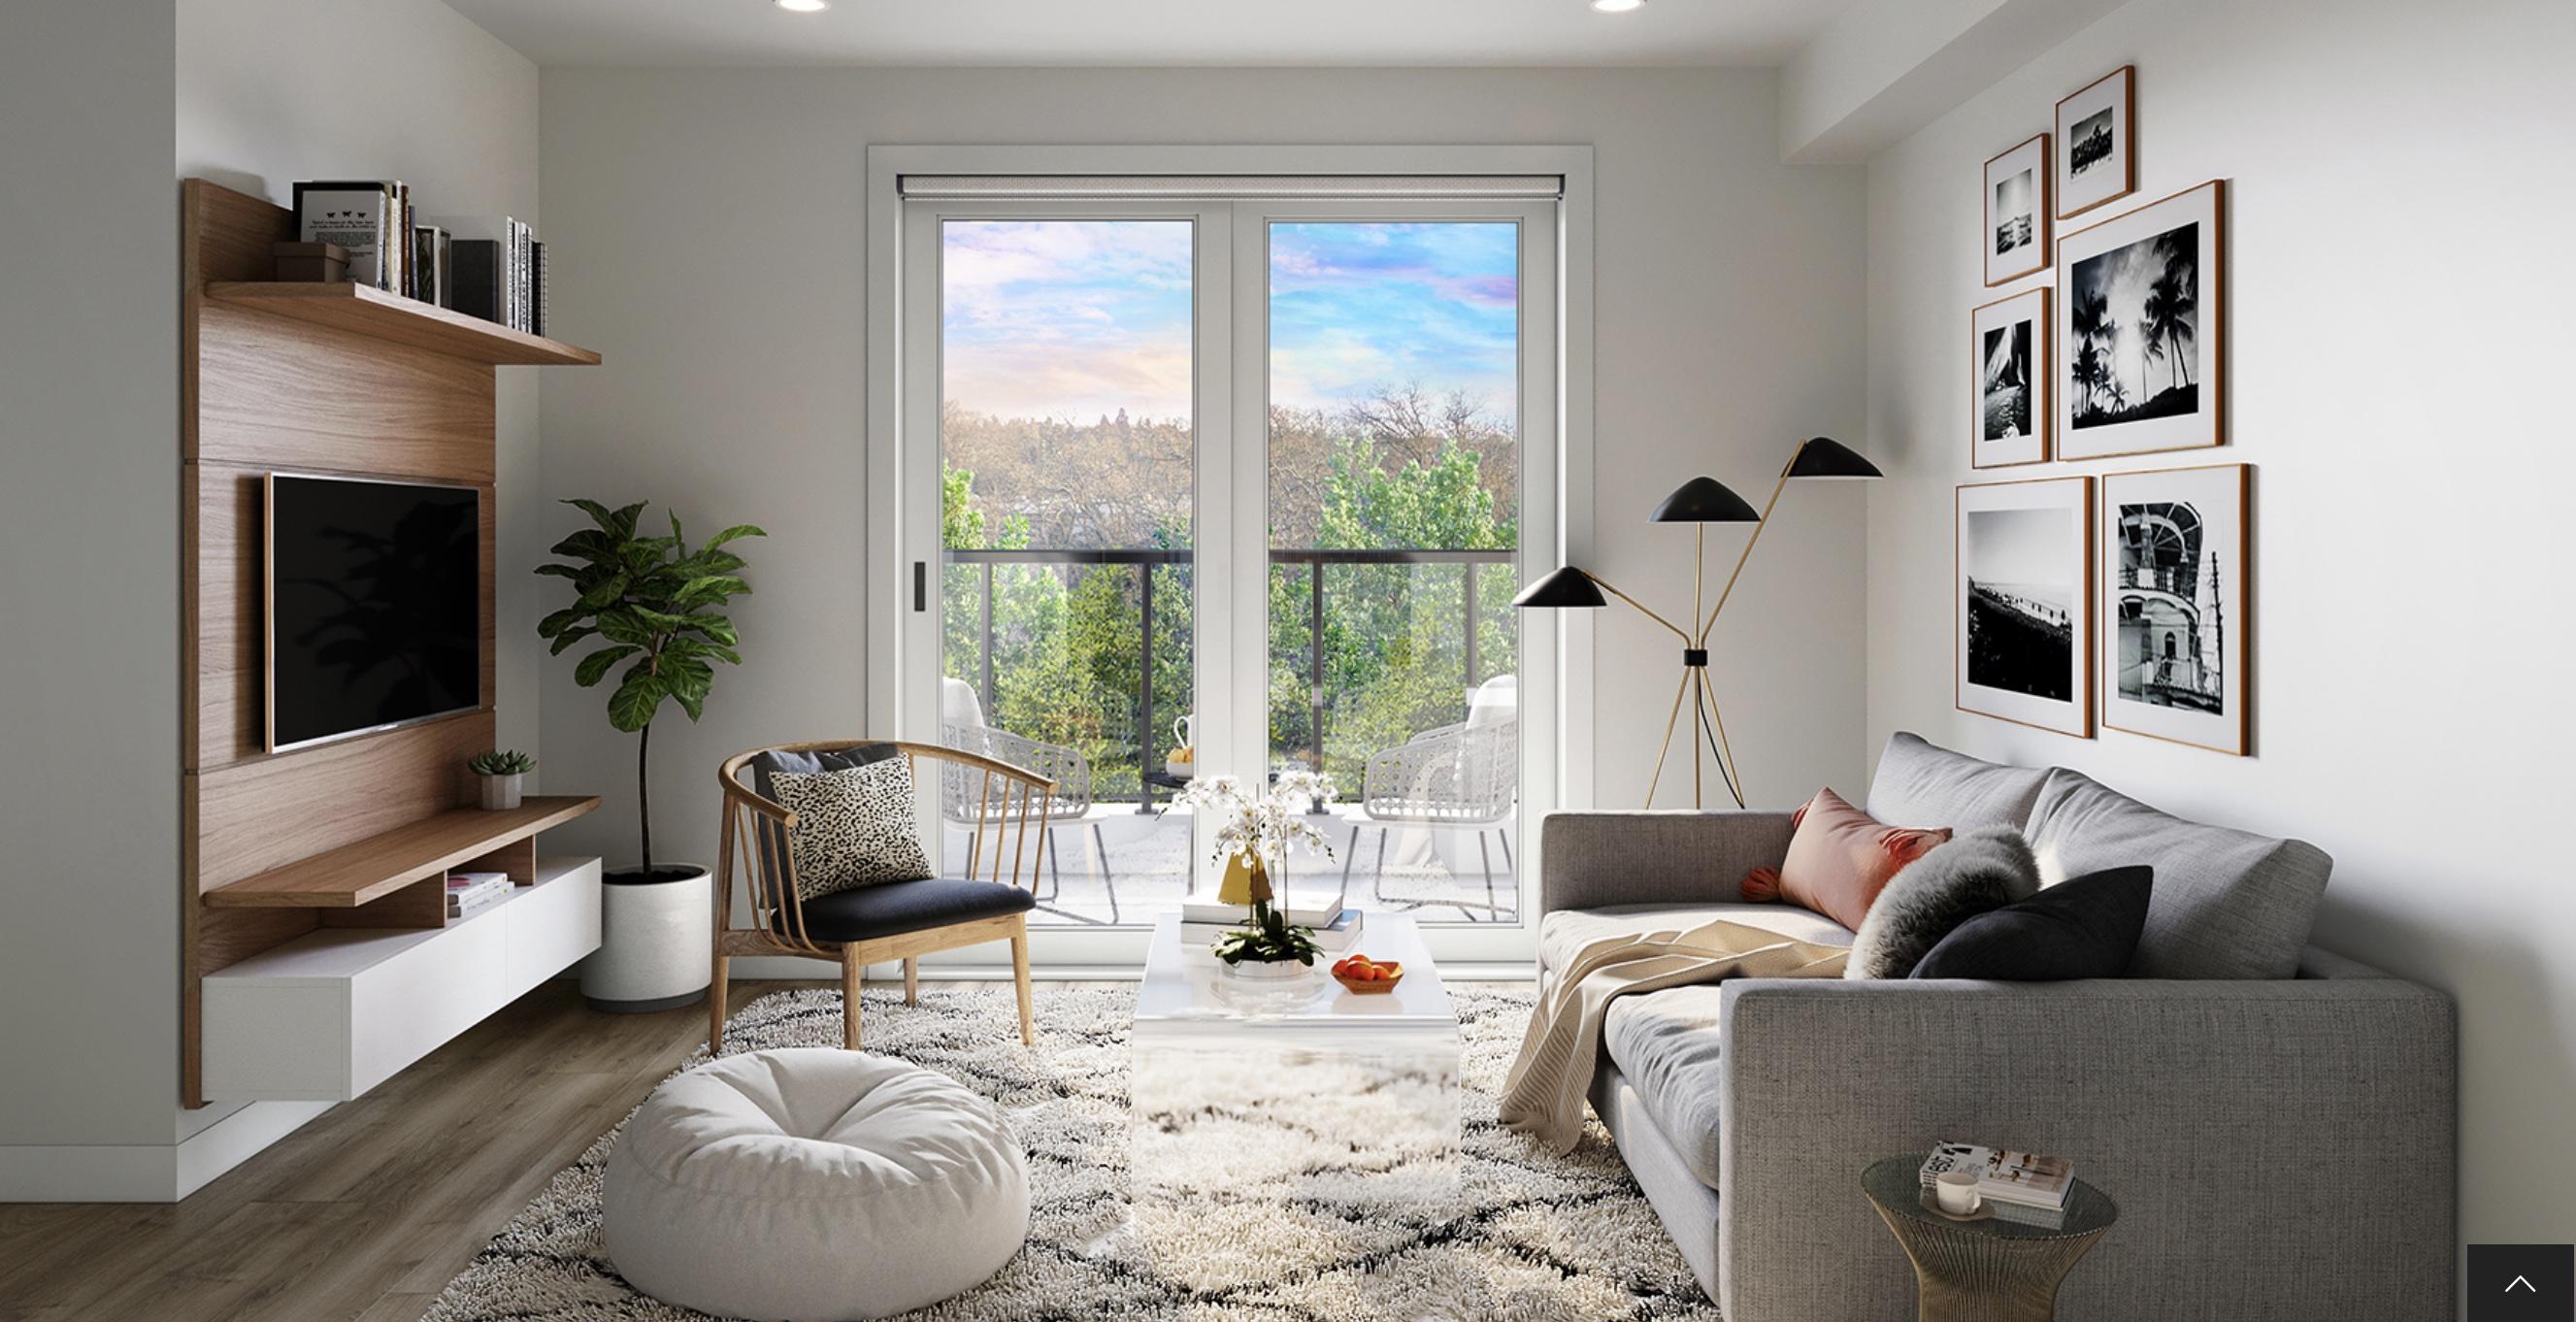 如何安排买家参观您的房子